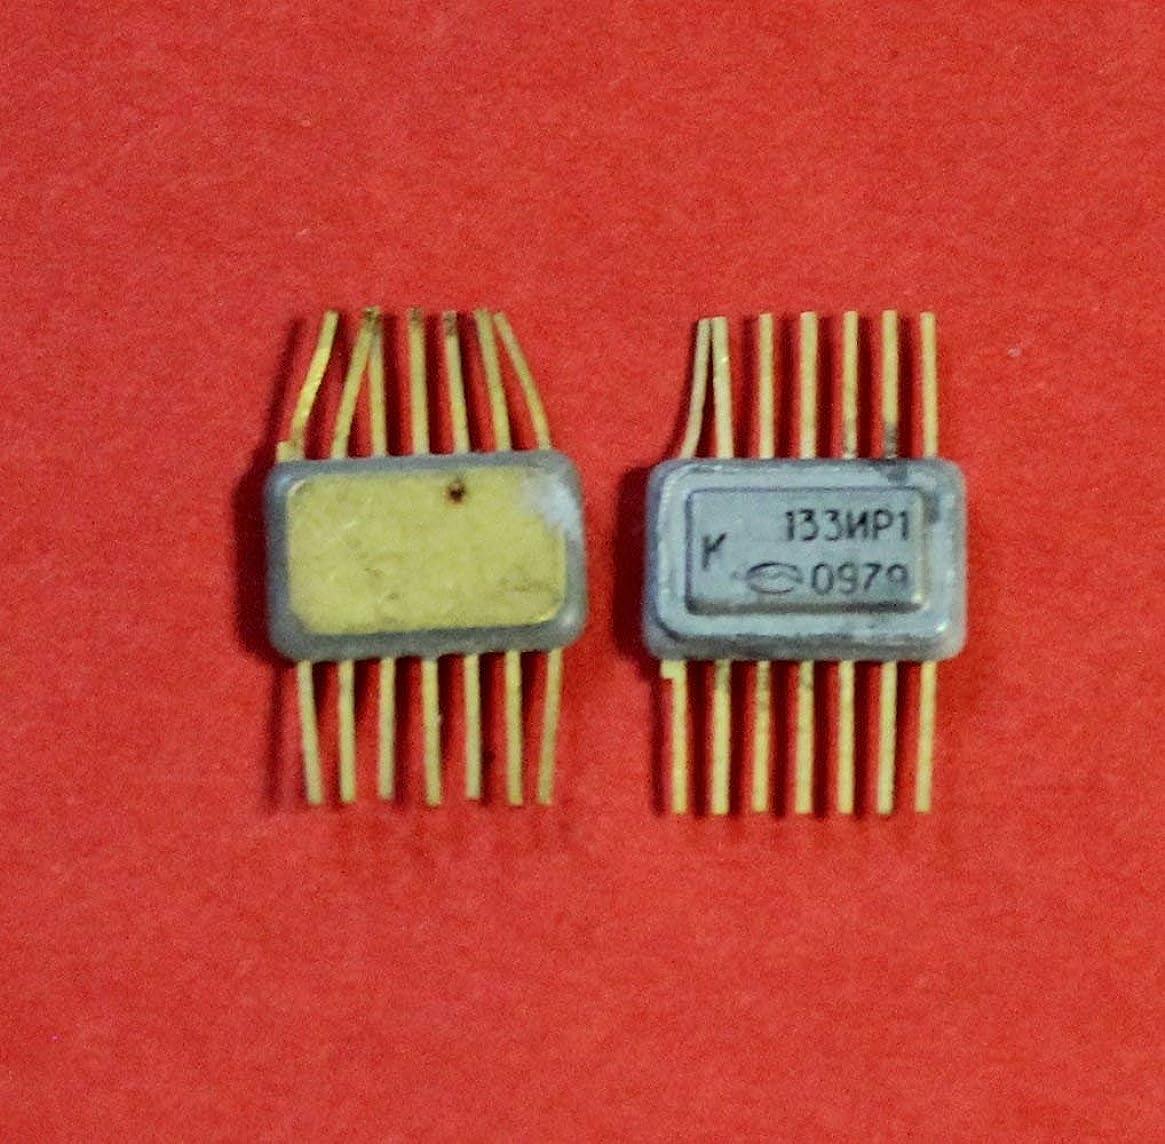 ディスコアレイセンターK133IR1 analoge SN5495 IC/Microchip USSR 2 pcs